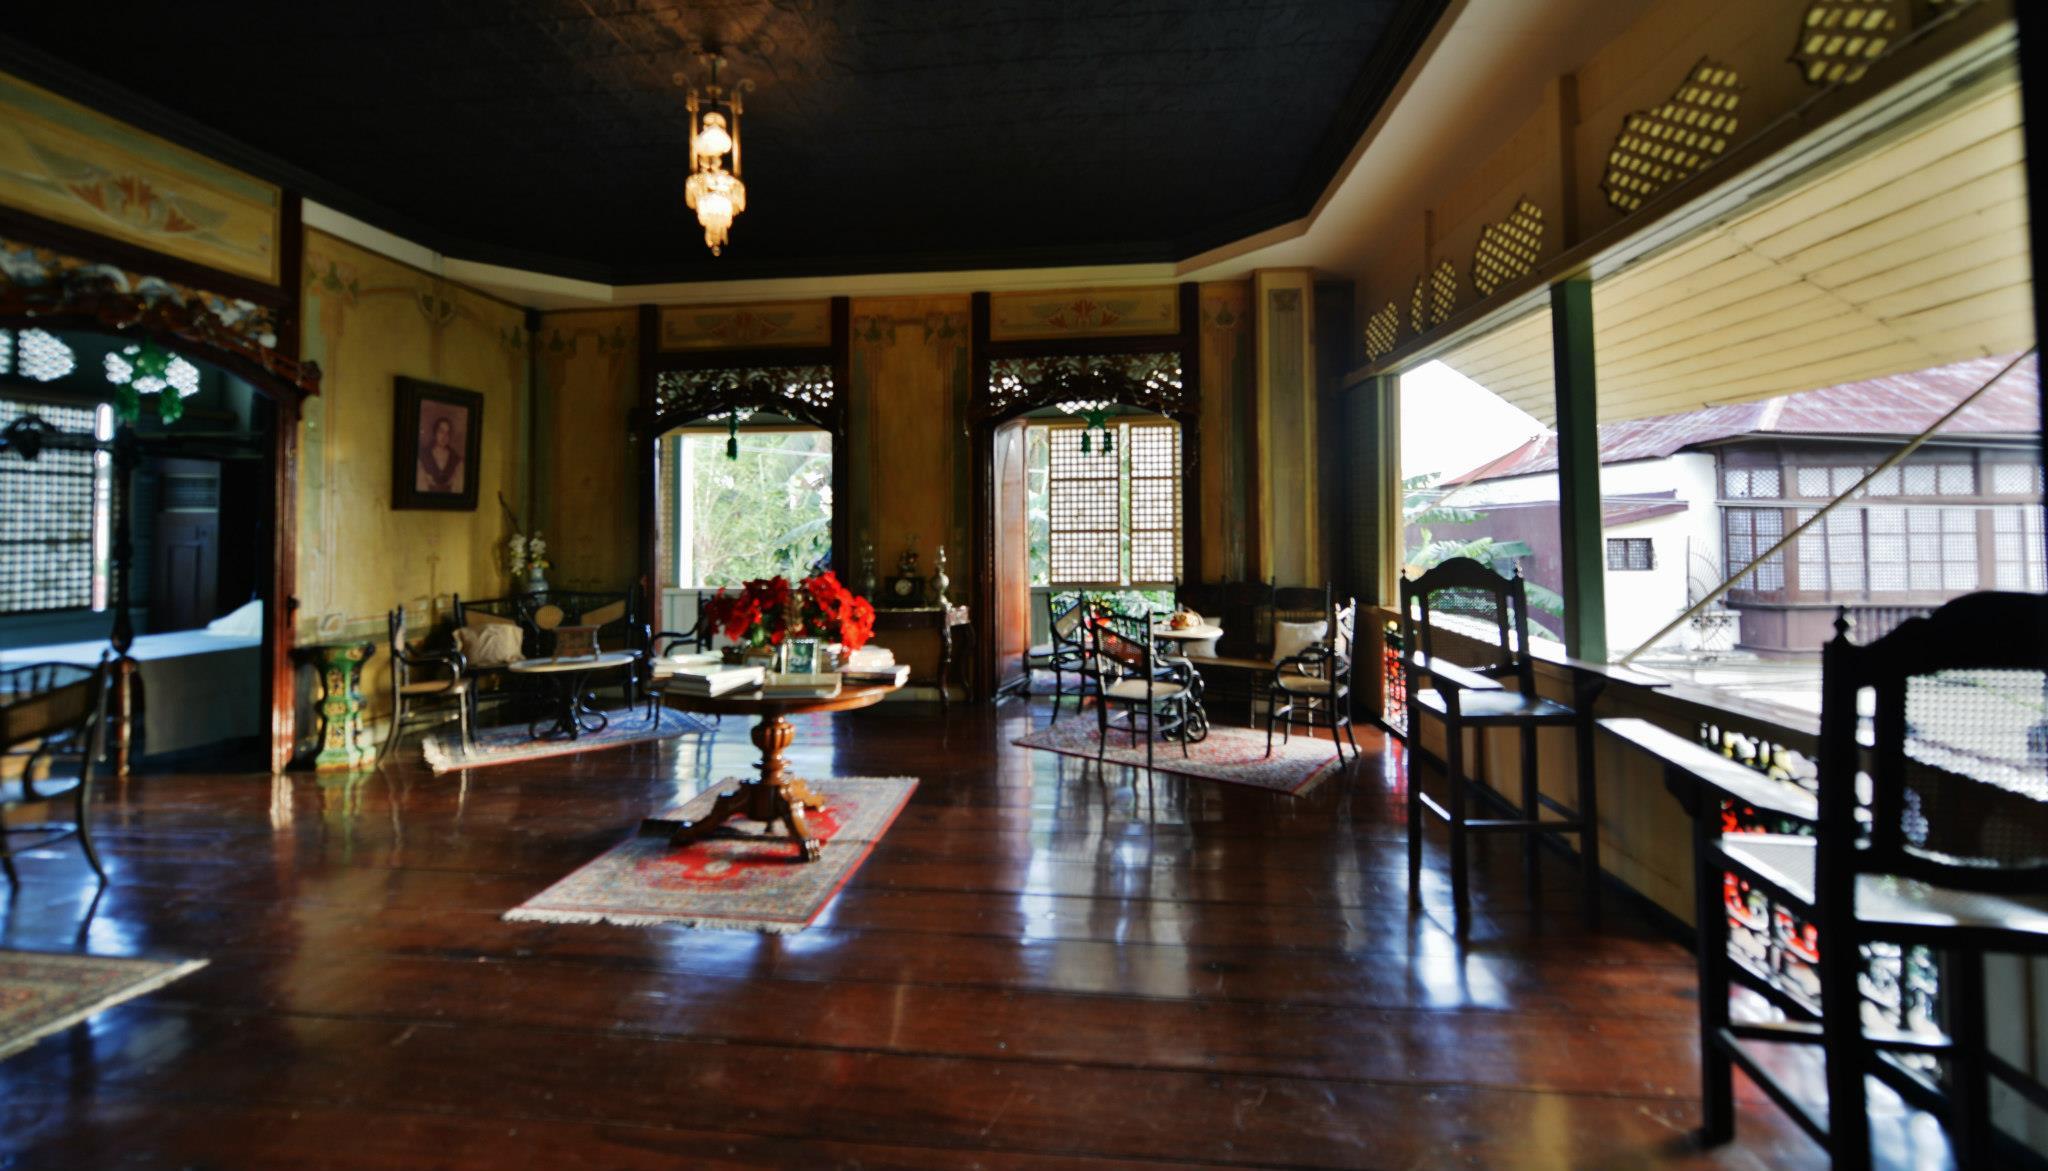 casa villavicencio in taal batangas lakwatsa